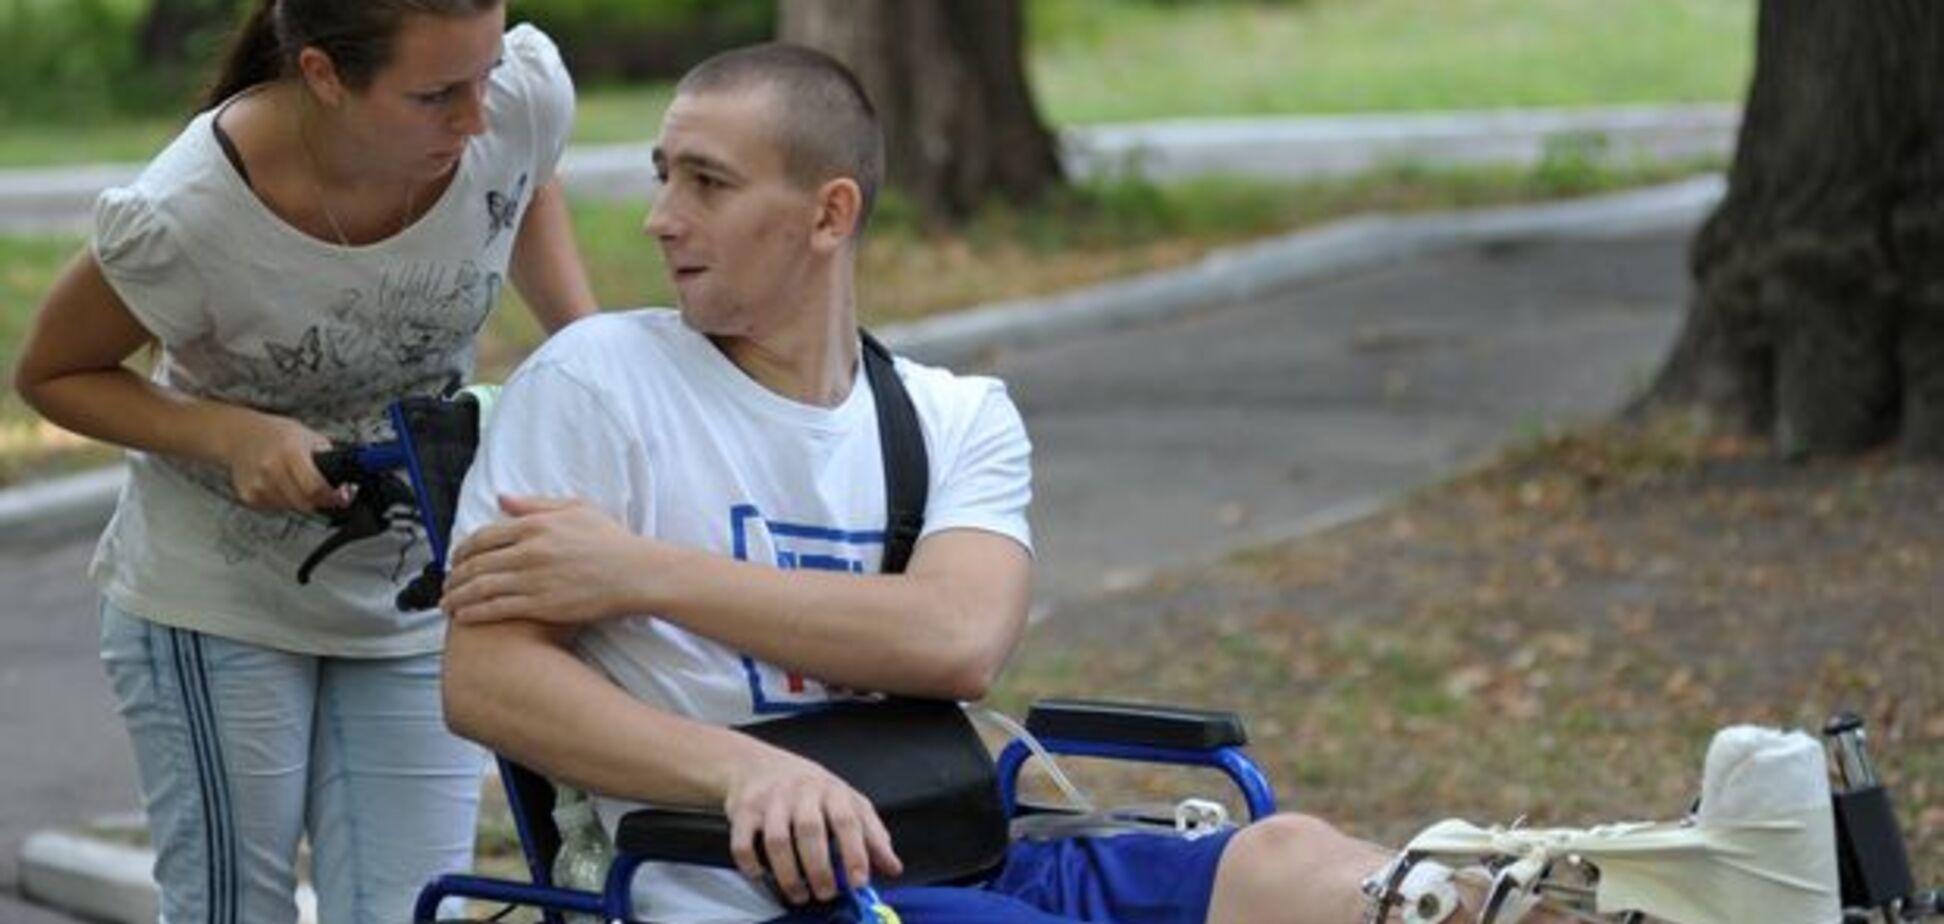 Коли війна скалічила тіло: що заважає бійцям отримати інвалідність